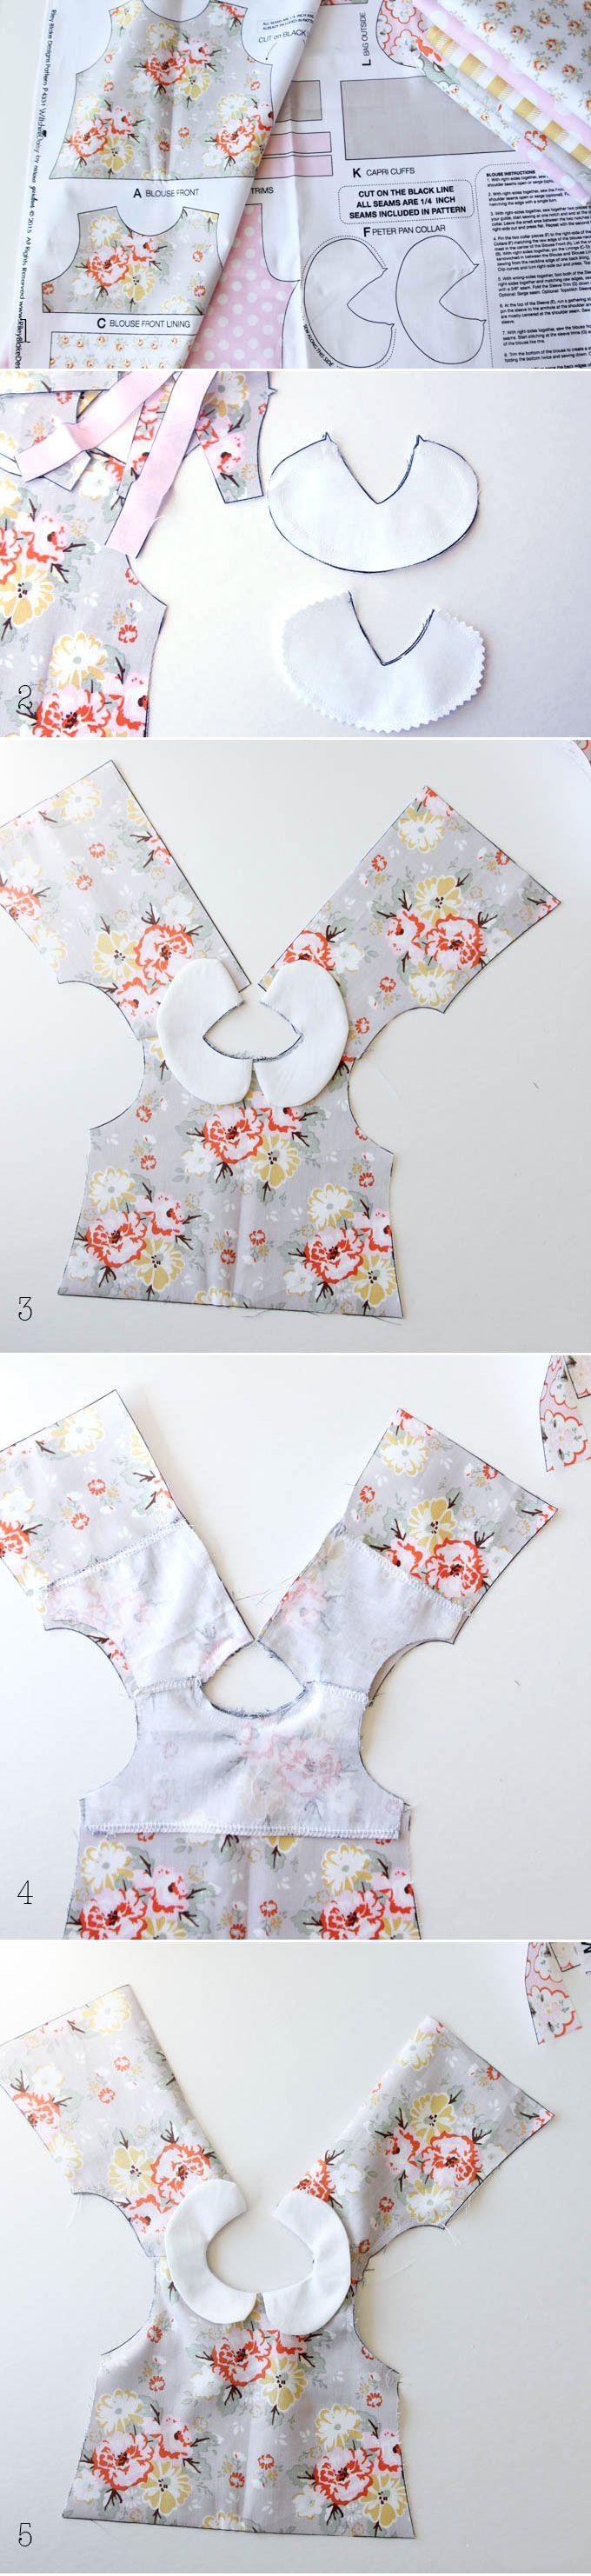 Doll Clothes Panel Tutorial | Puppen, Puppenkleider und Puppenkleidung